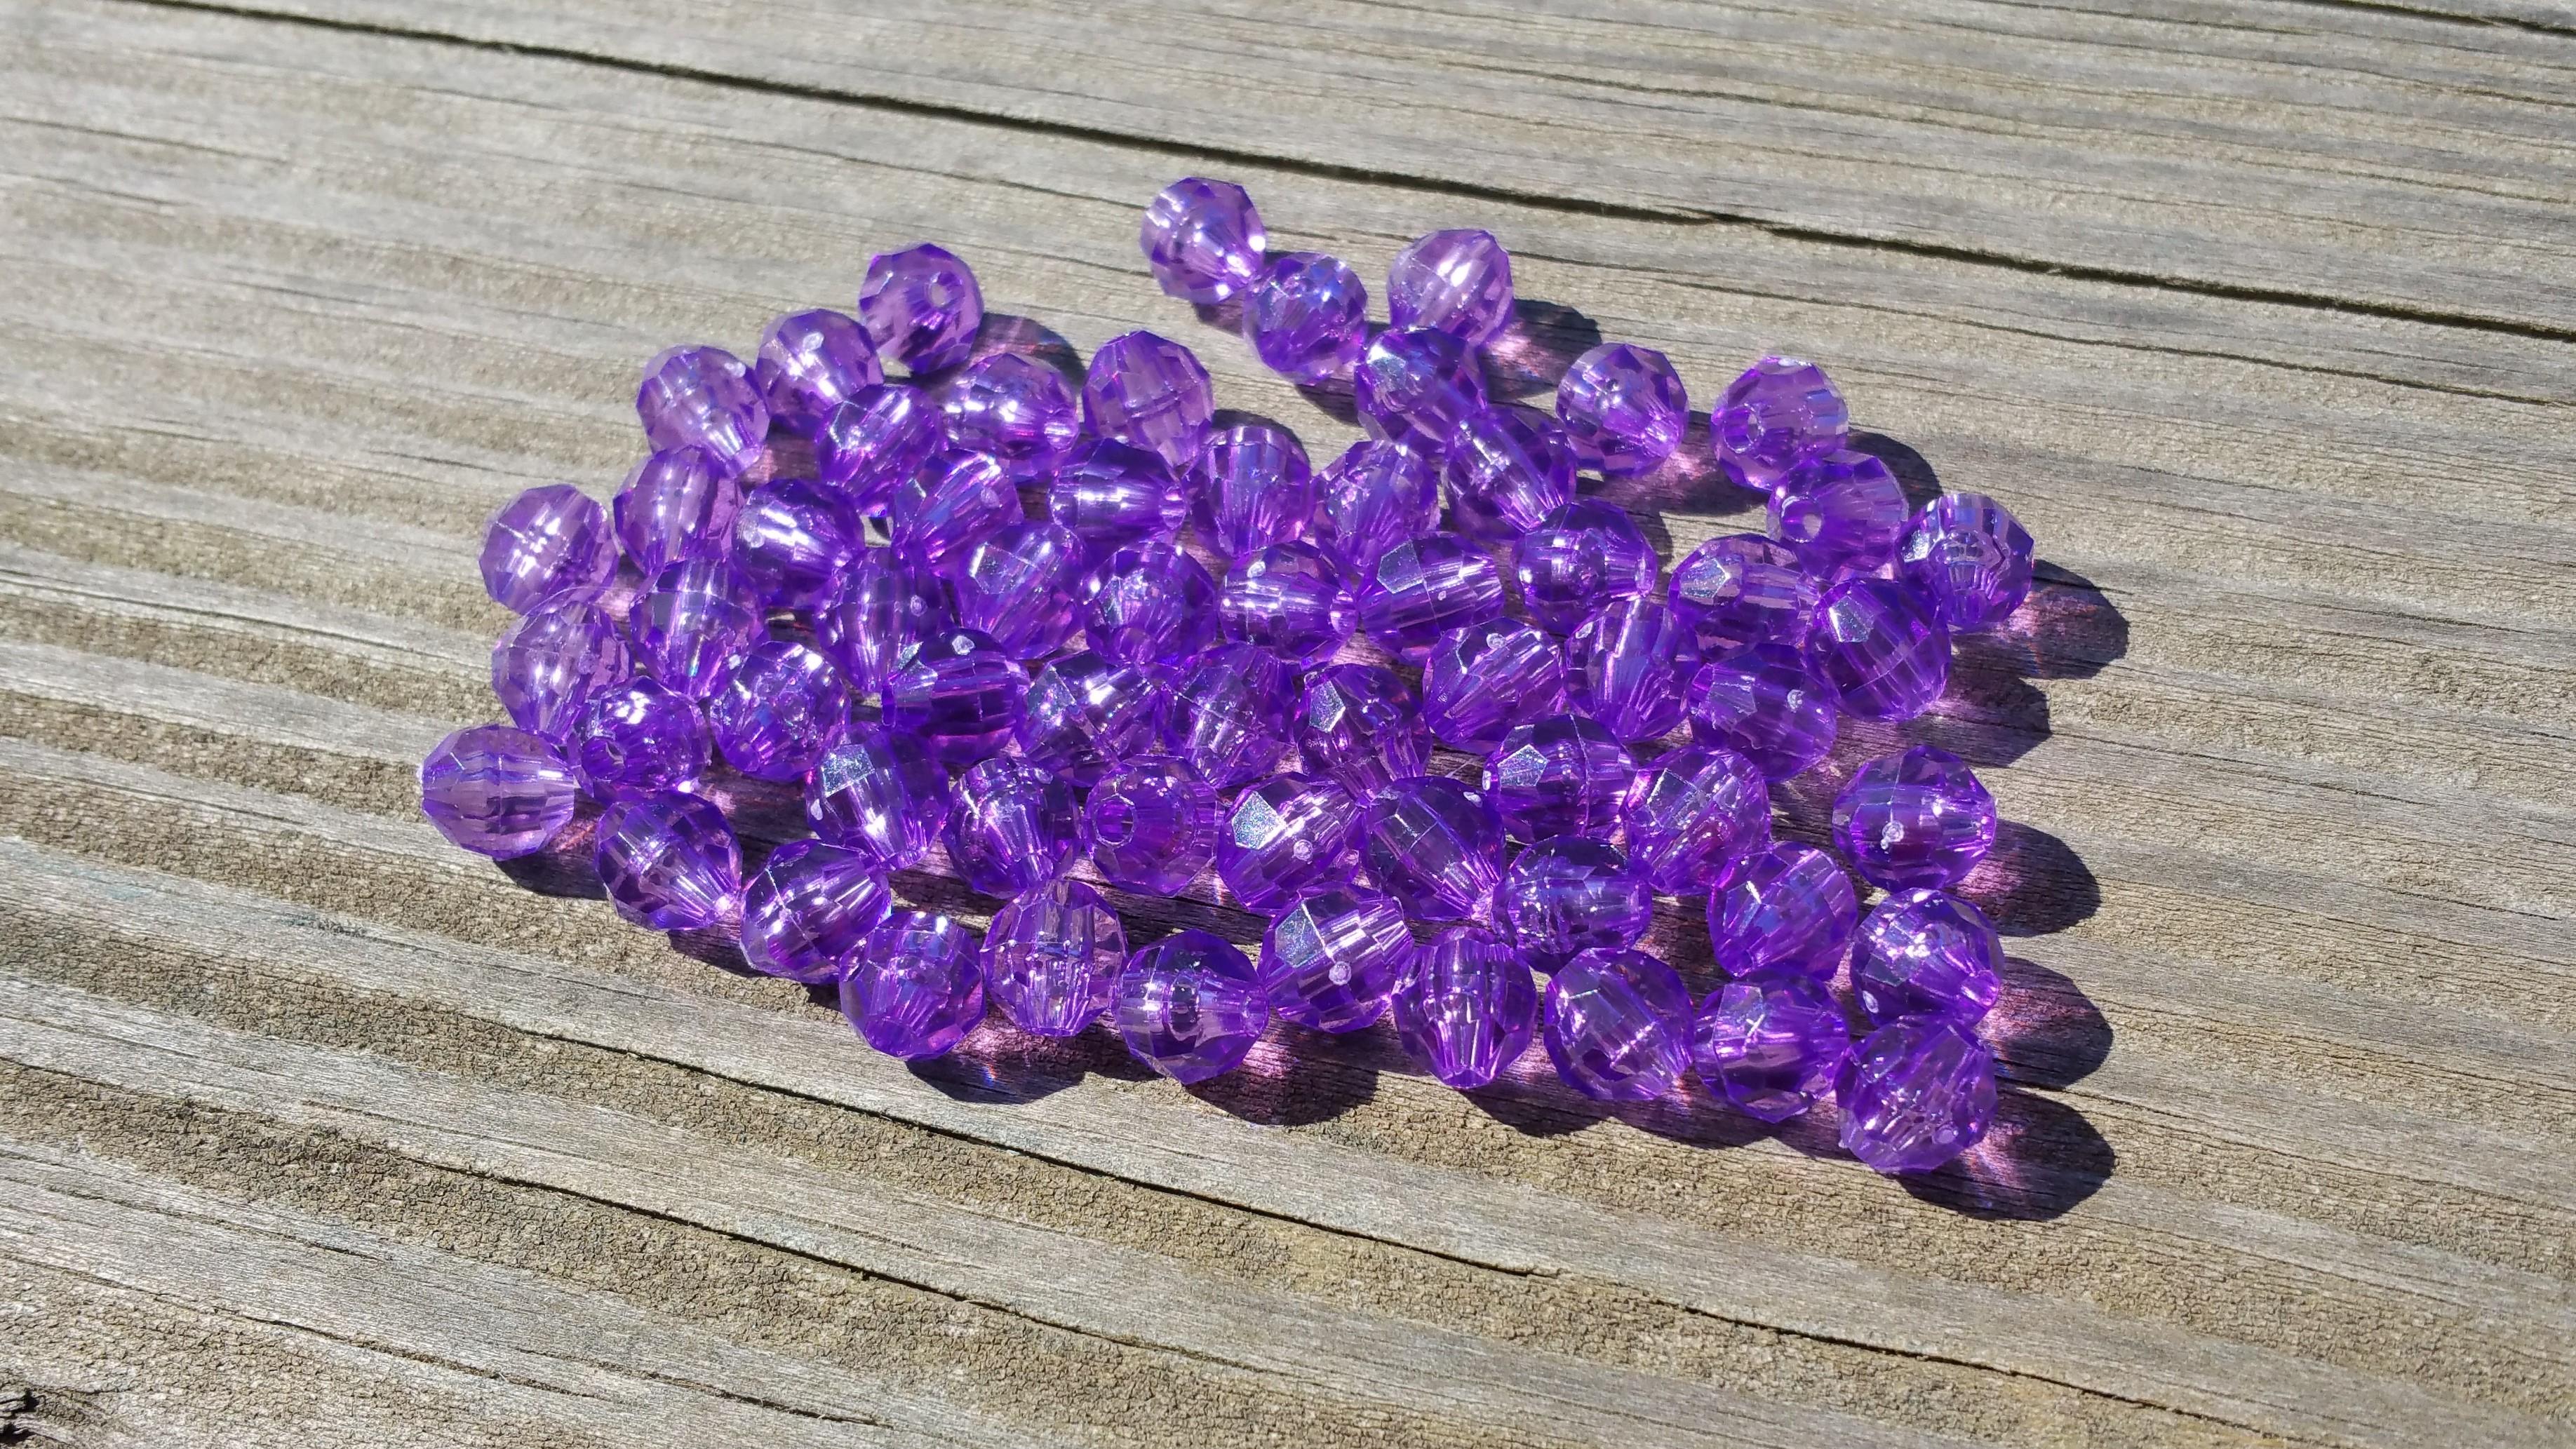 Light purple beads